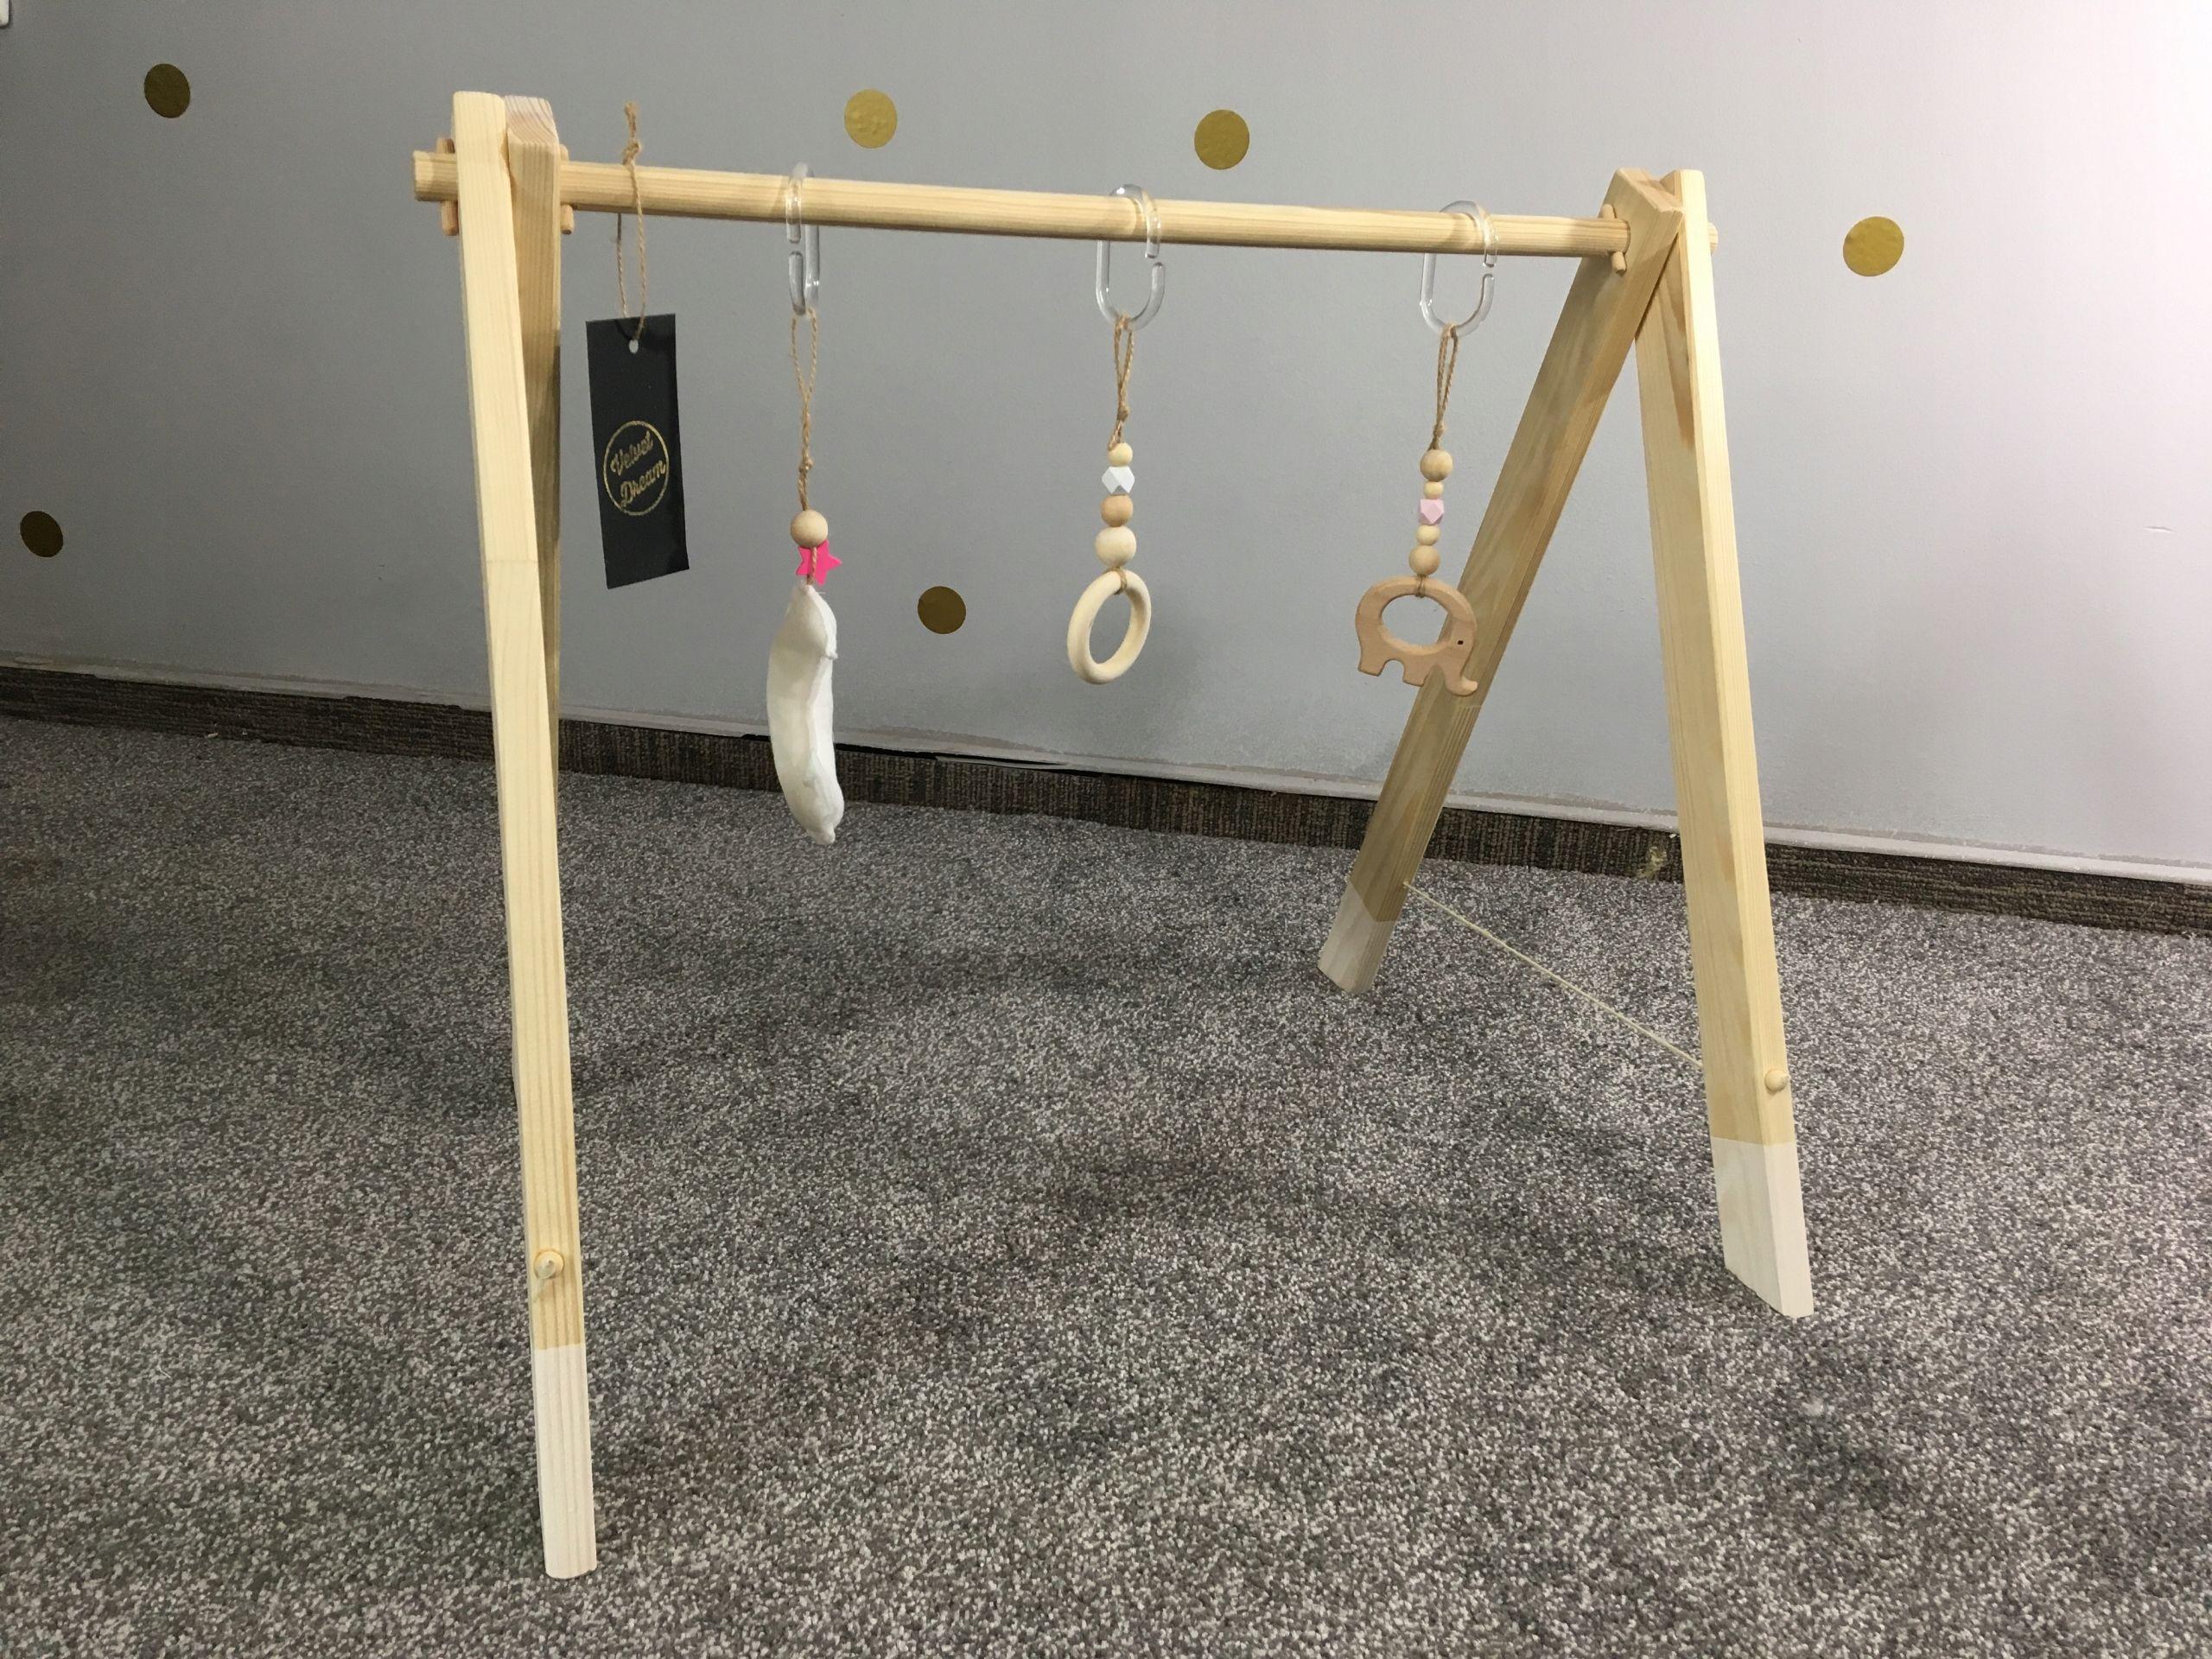 Stojak Gimnastyczny Baby Gym Montessori Drewno 8071247327 Oficjalne Archiwum Allegro Home Decor Decor Wardrobe Rack